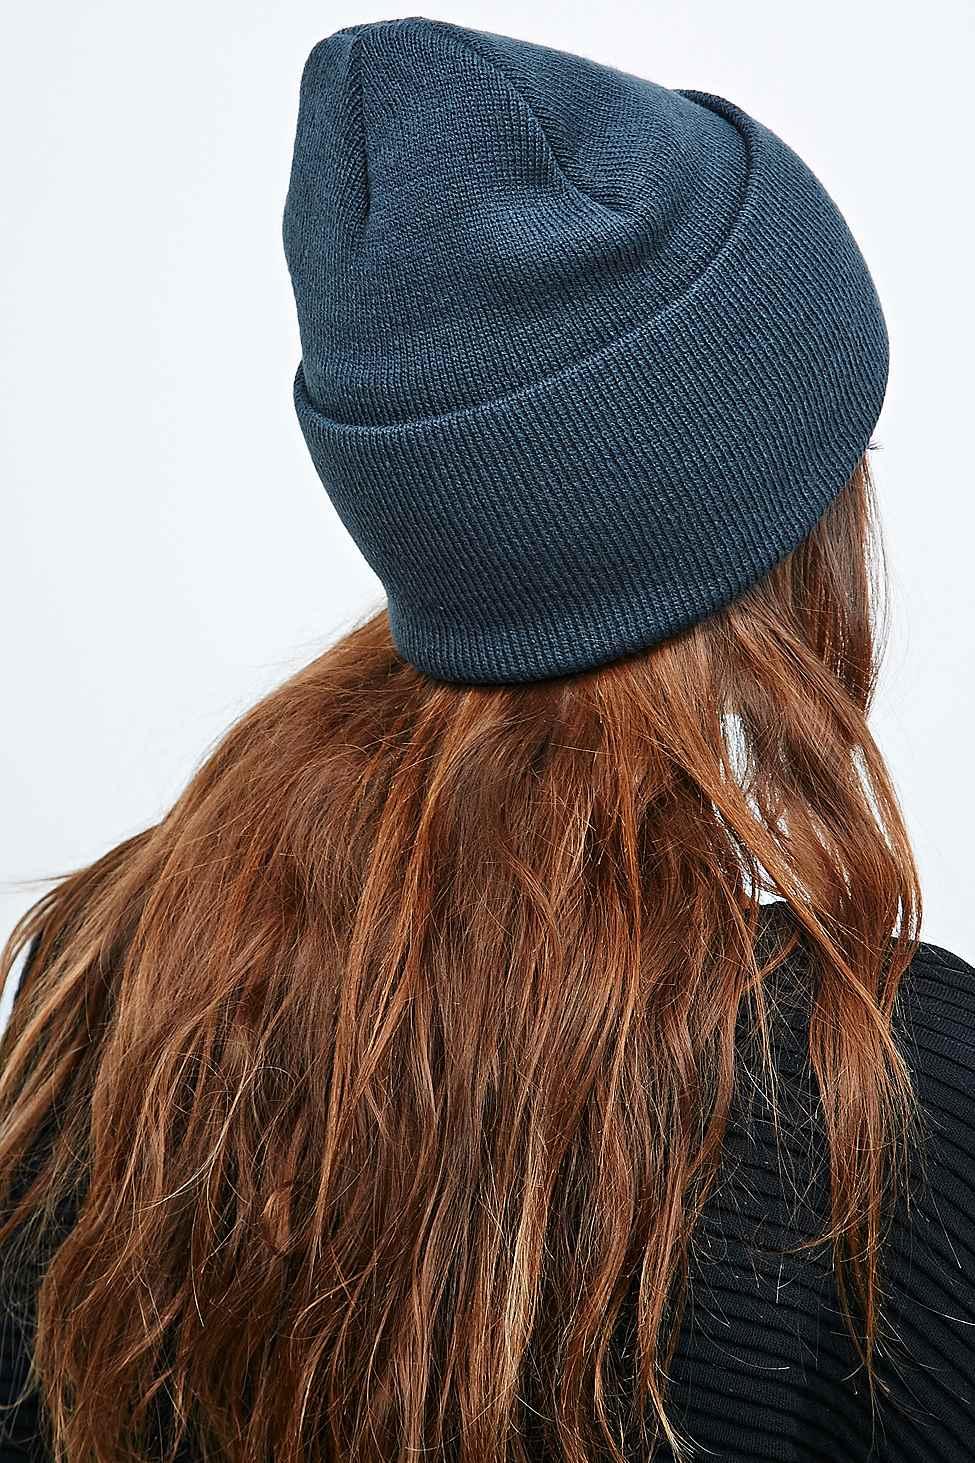 c7d29b61d554ca Carhartt Watch Hat Beanie In Dark Petrol in Blue - Lyst carhartt beanie dark  blue